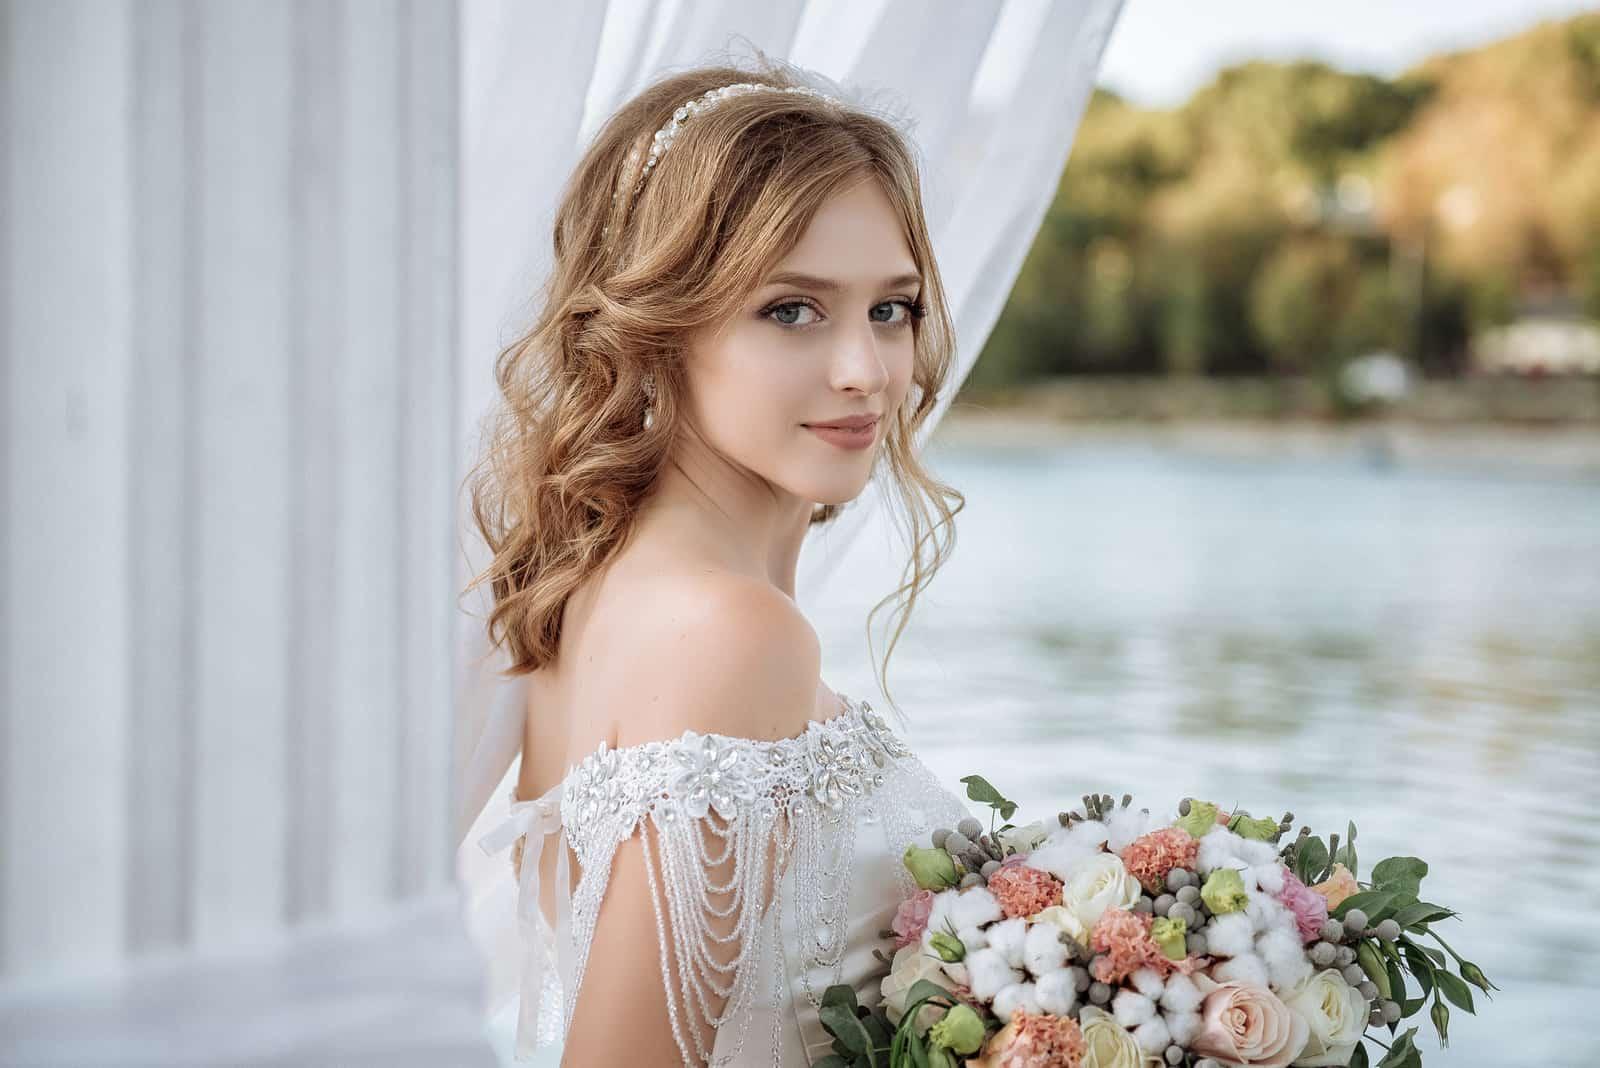 eine schöne Braut mit einem großen Blumenstrauß